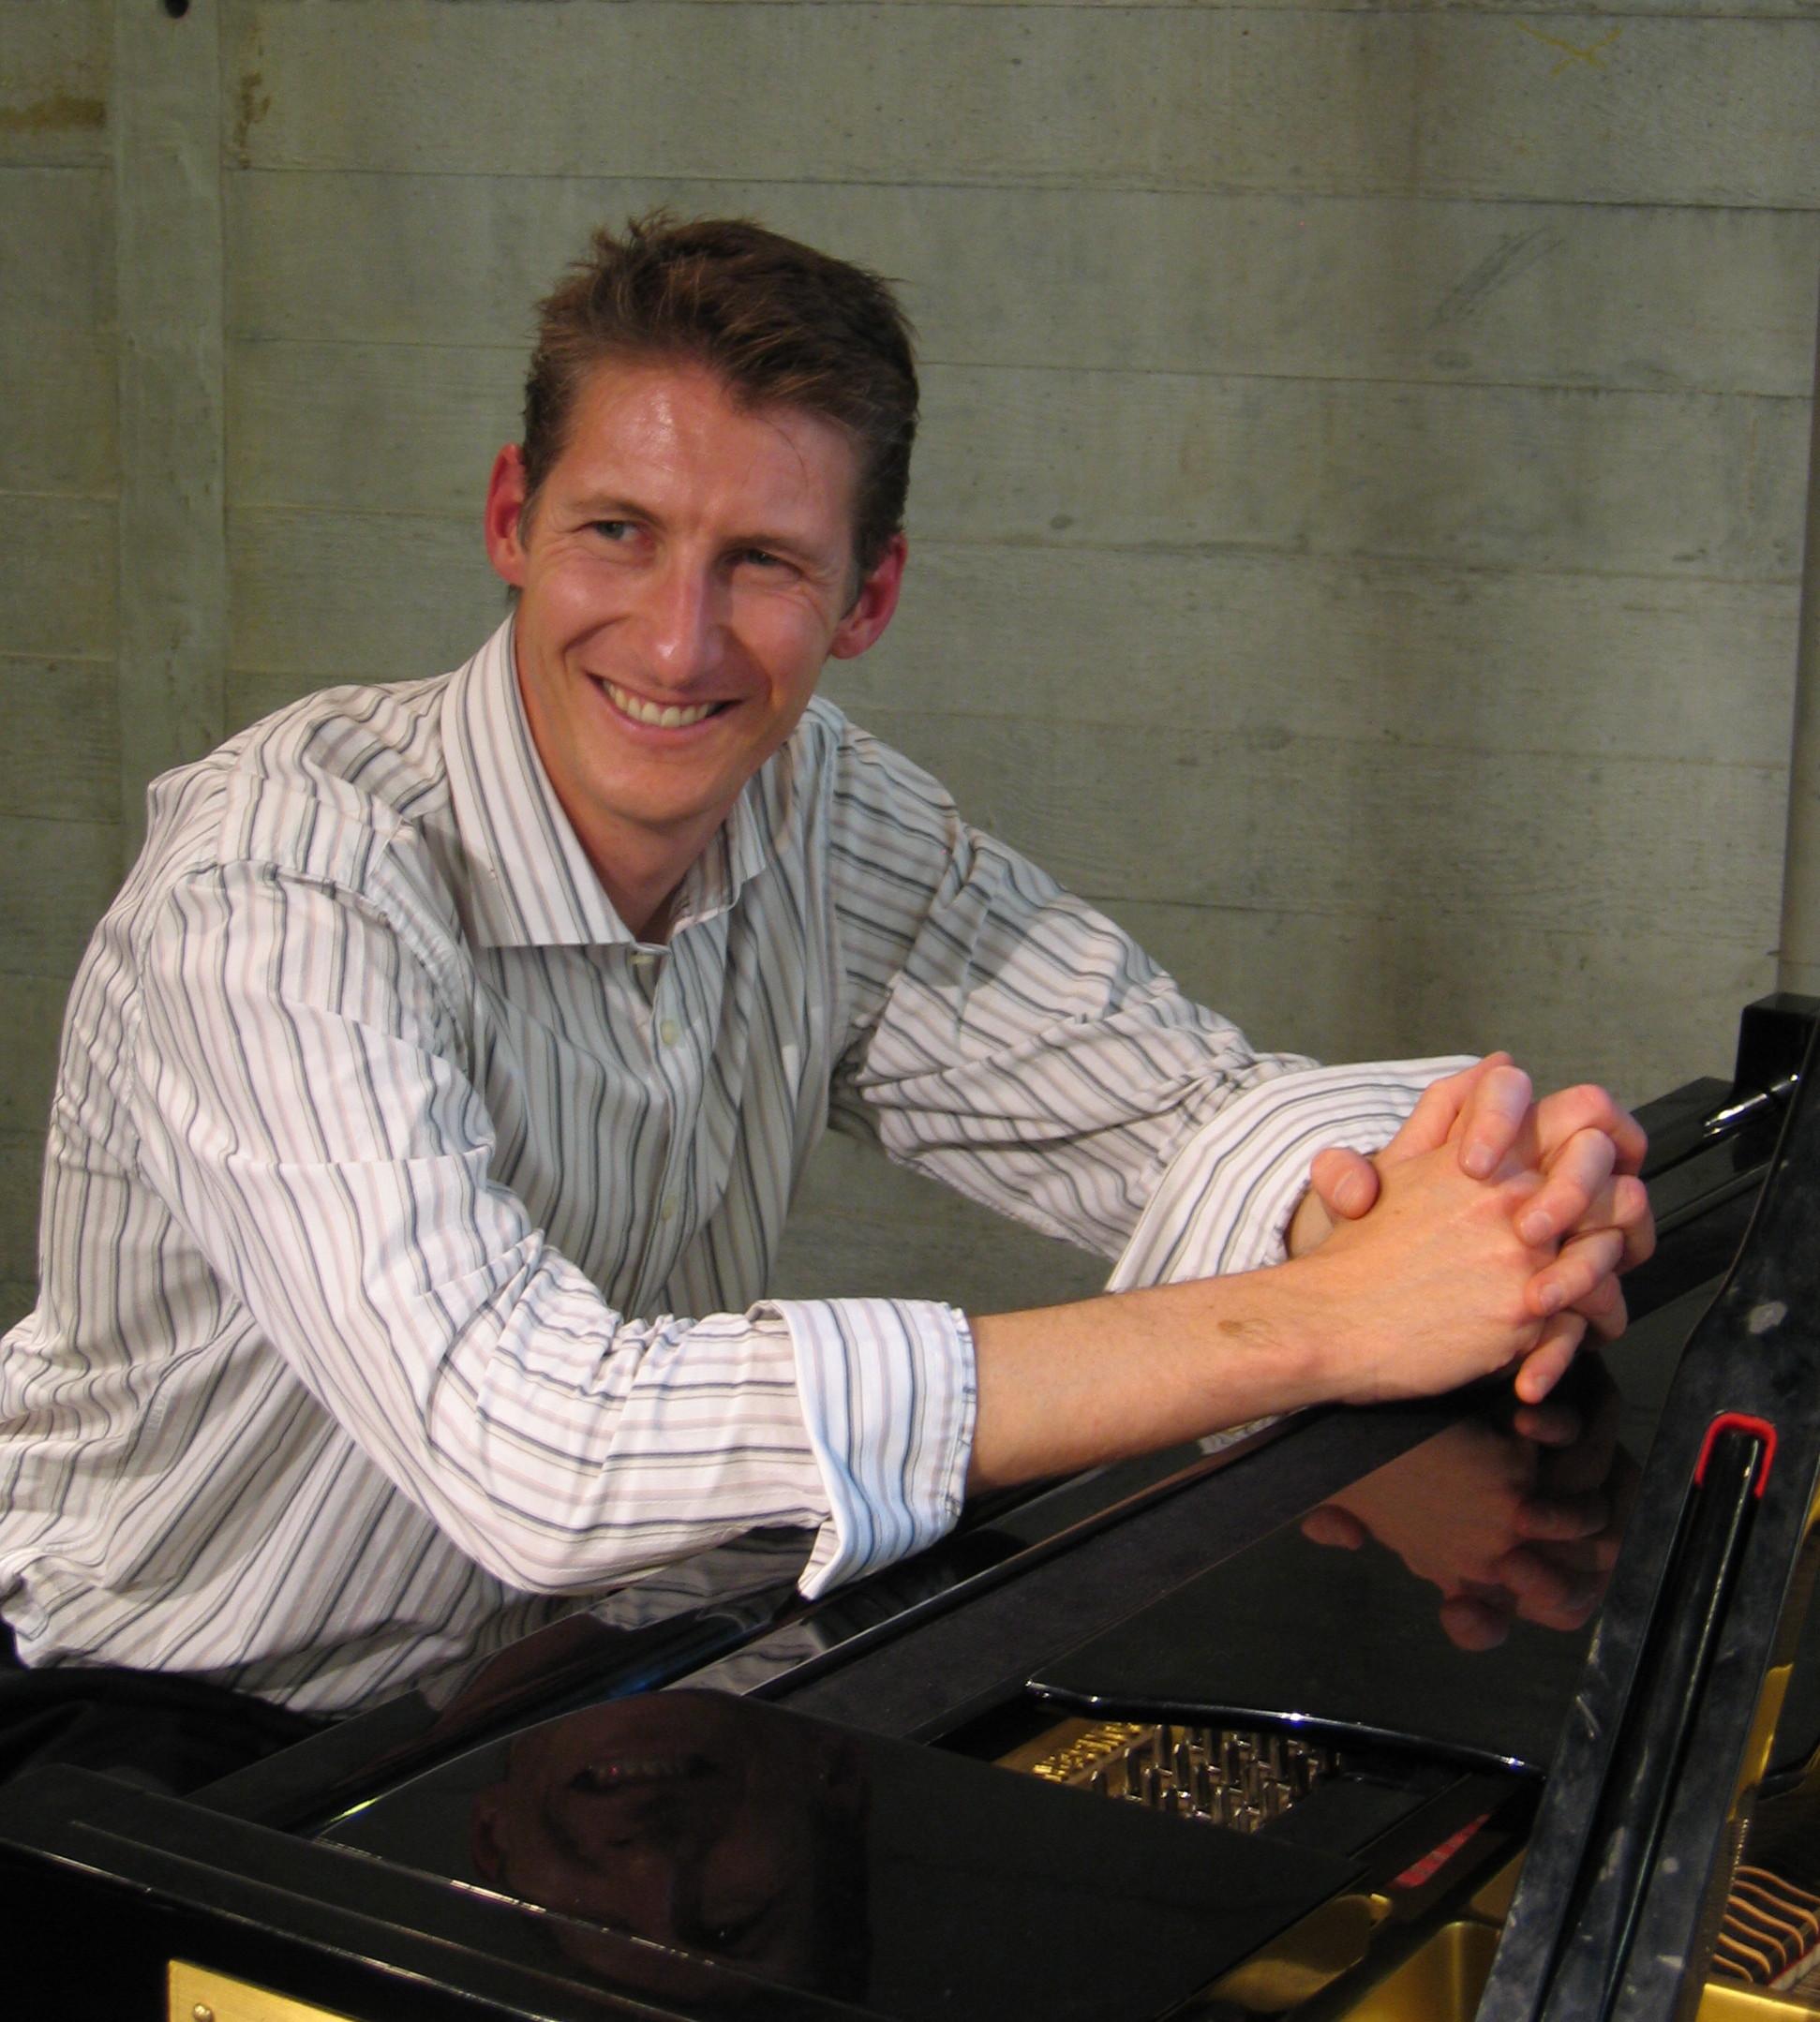 Craig Schneider